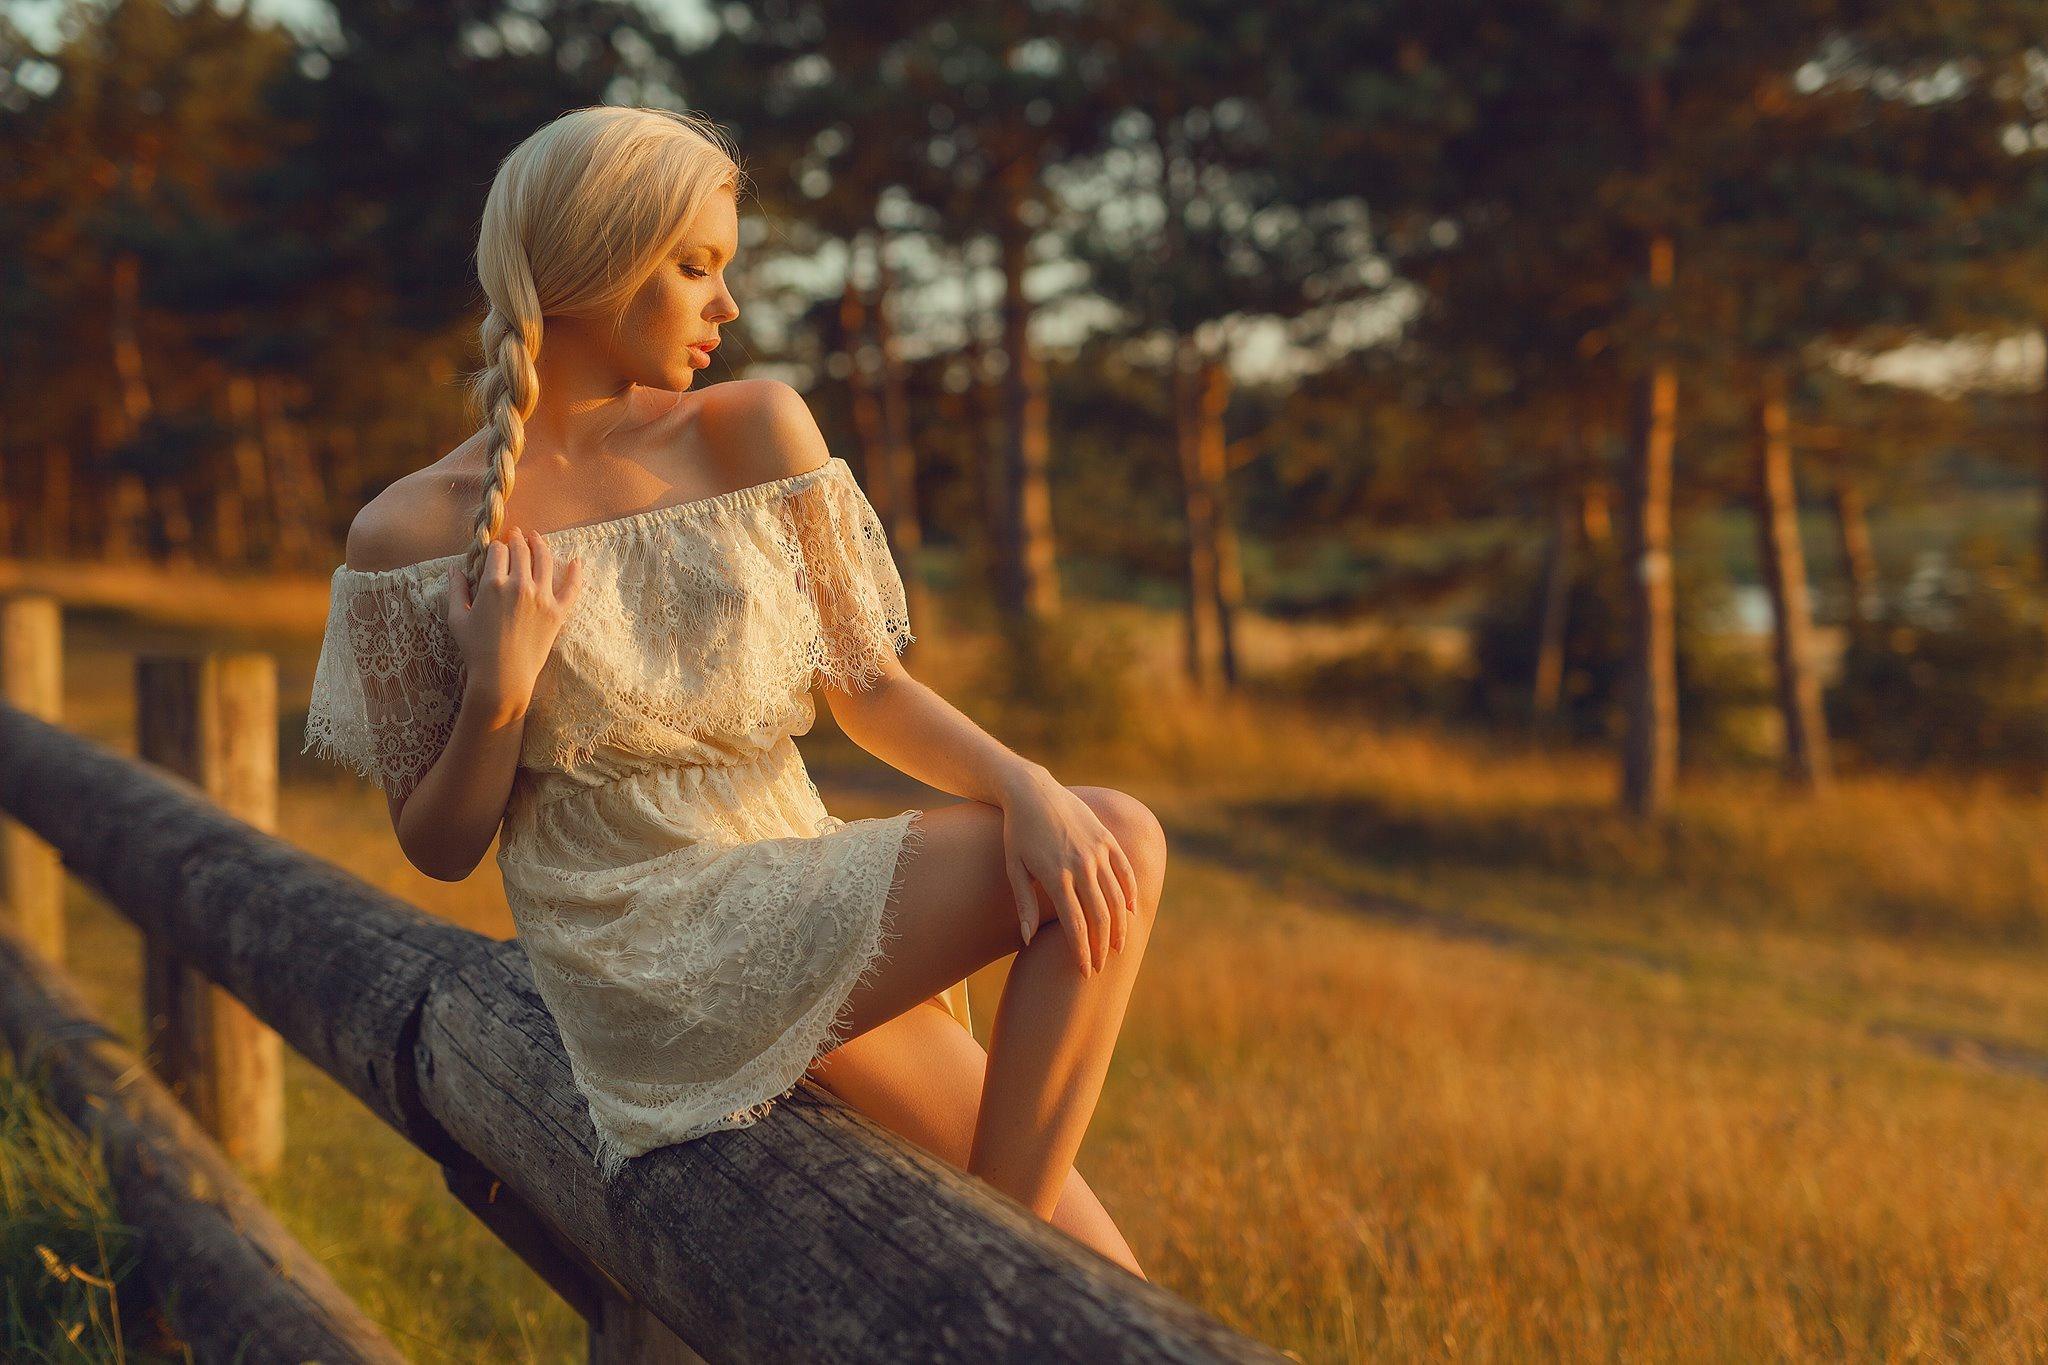 Обнаженная блондинка на природе  597471